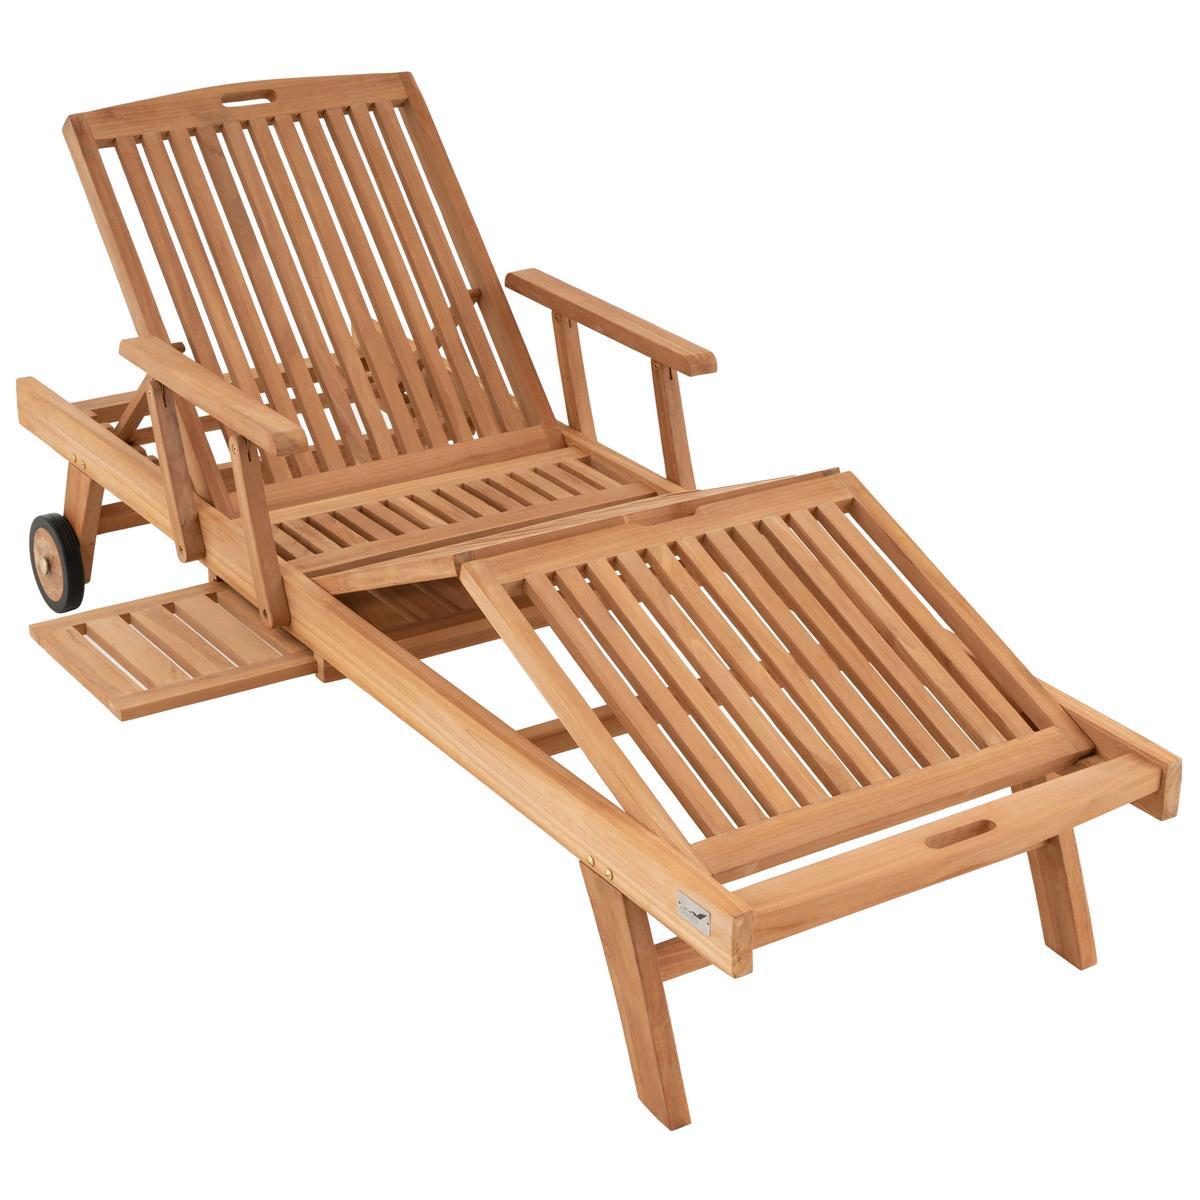 DIVERO Sonnenliege Garten Liege Räder Tablett Armlehne Teak Holz behandelt